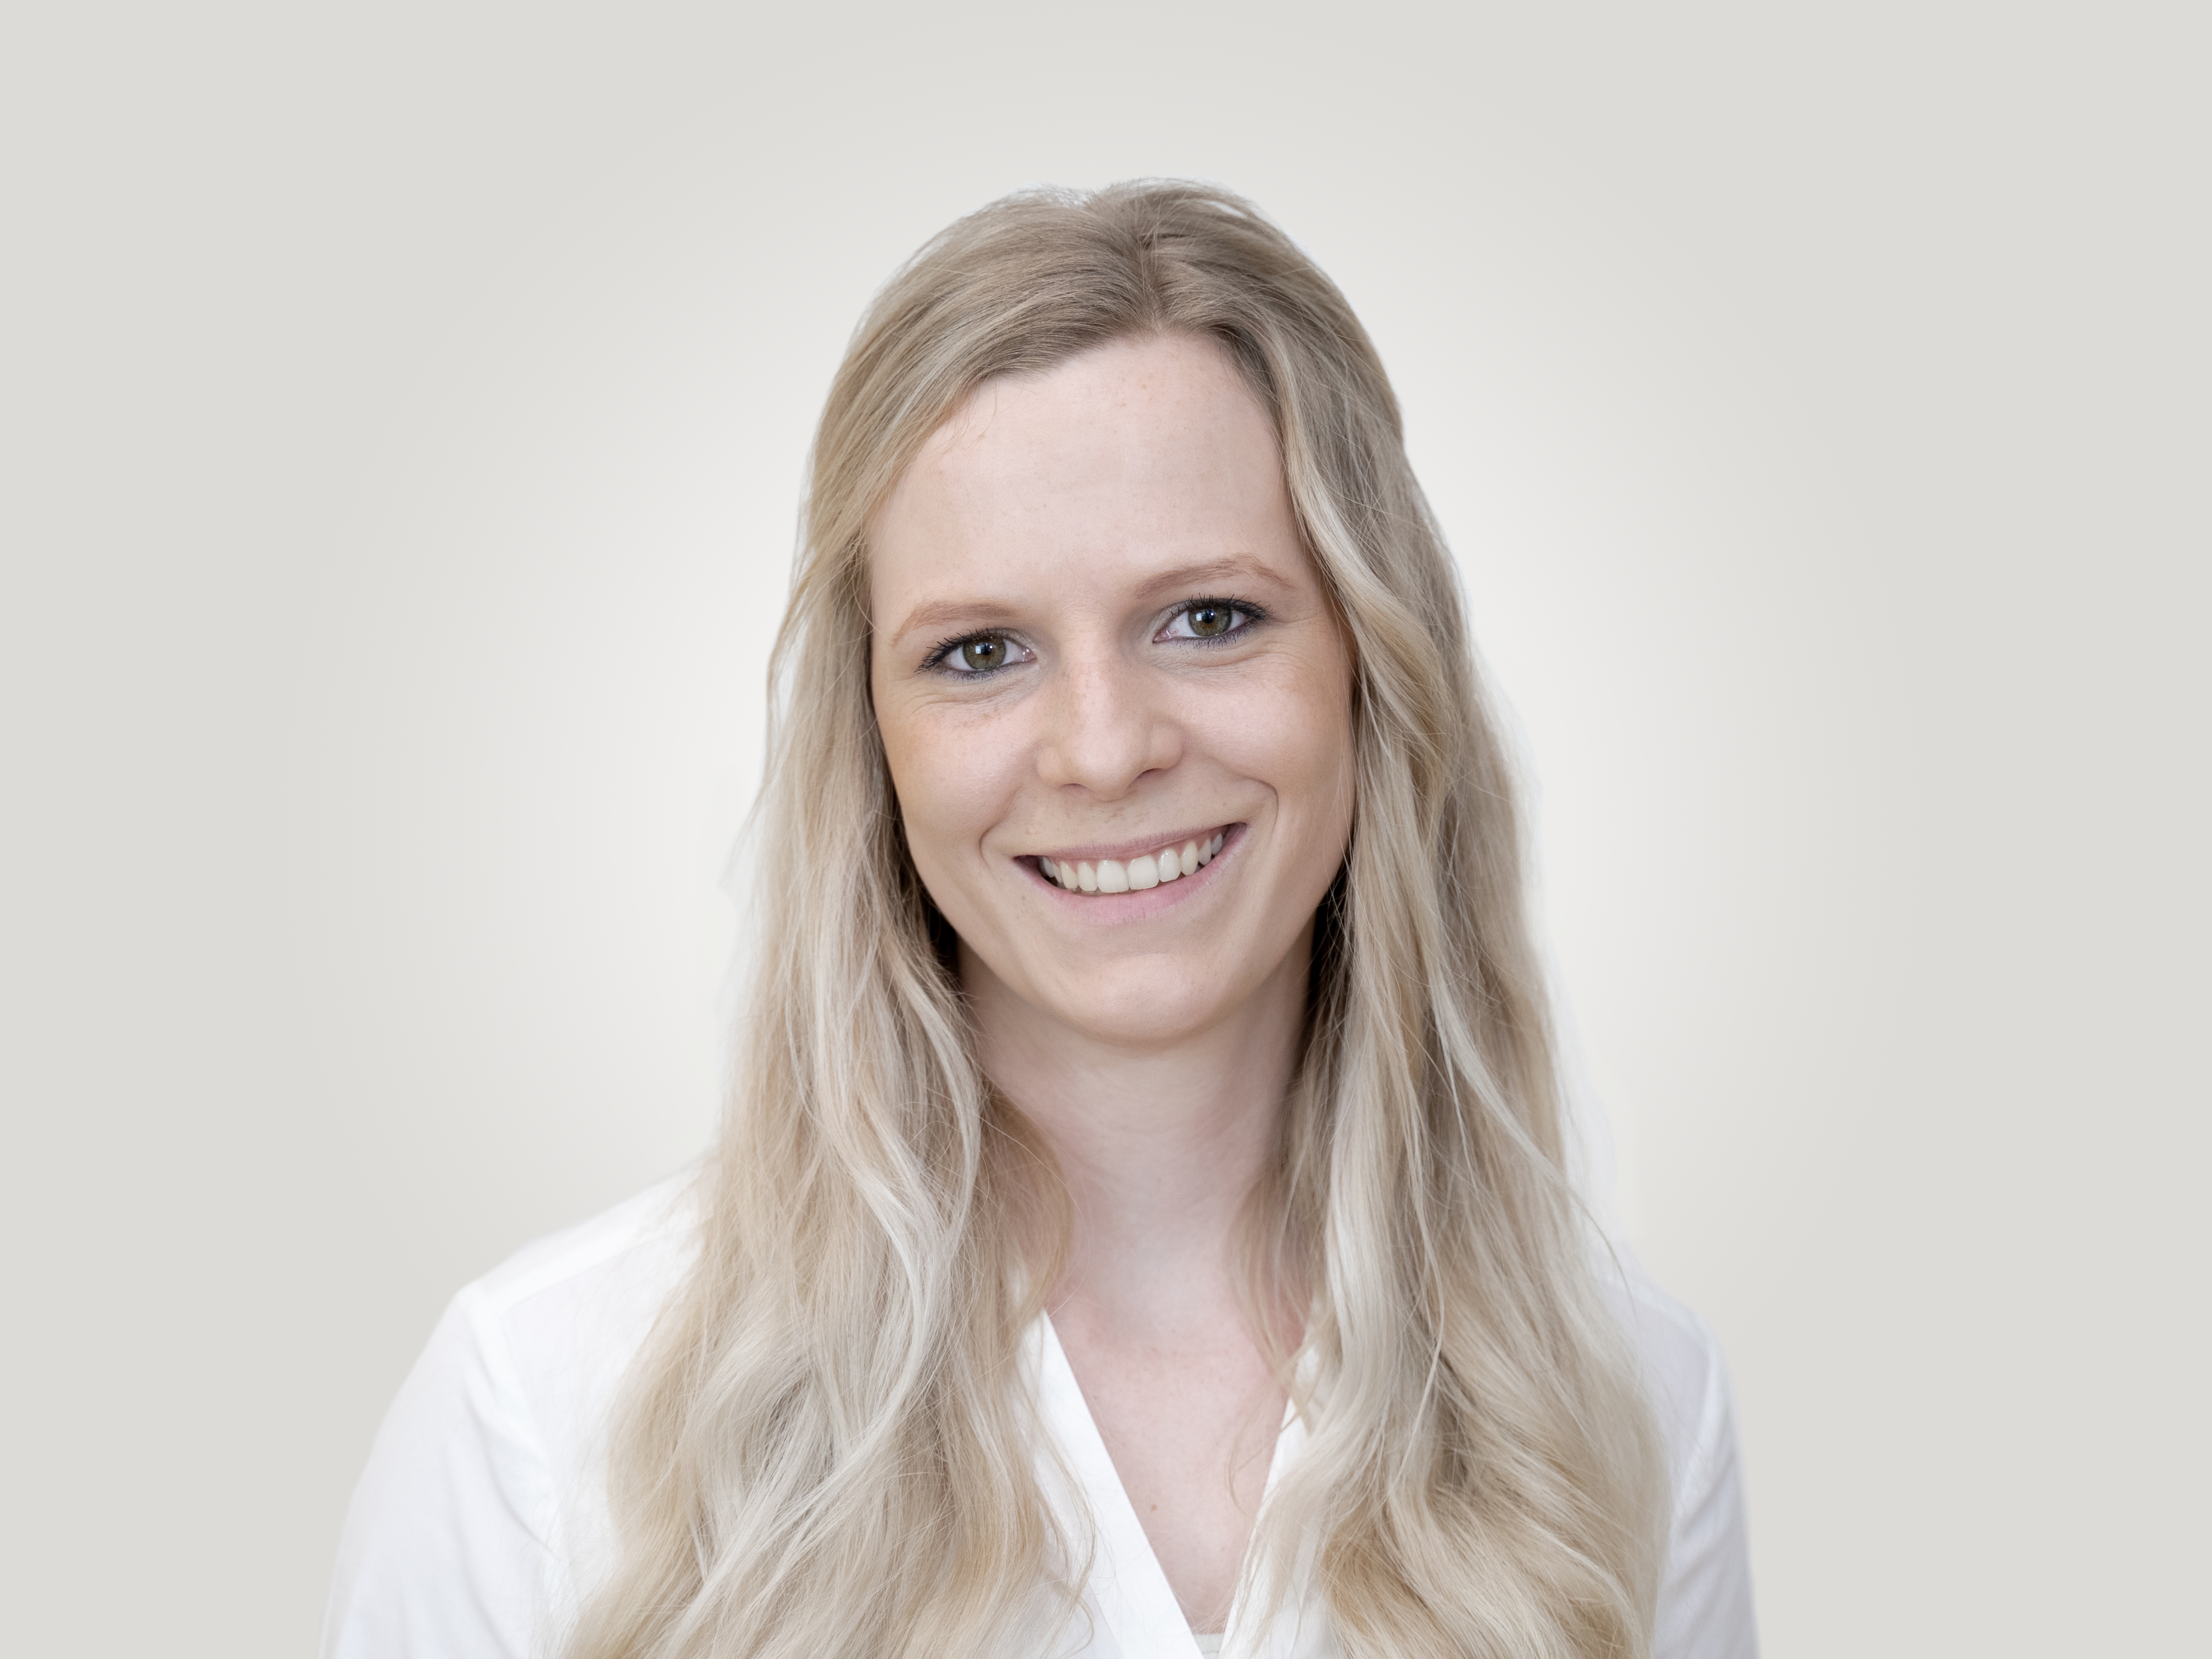 Laura Dietz Mitarbeiterin MKG PLUS Fachzahnarzt Zentrum Münster